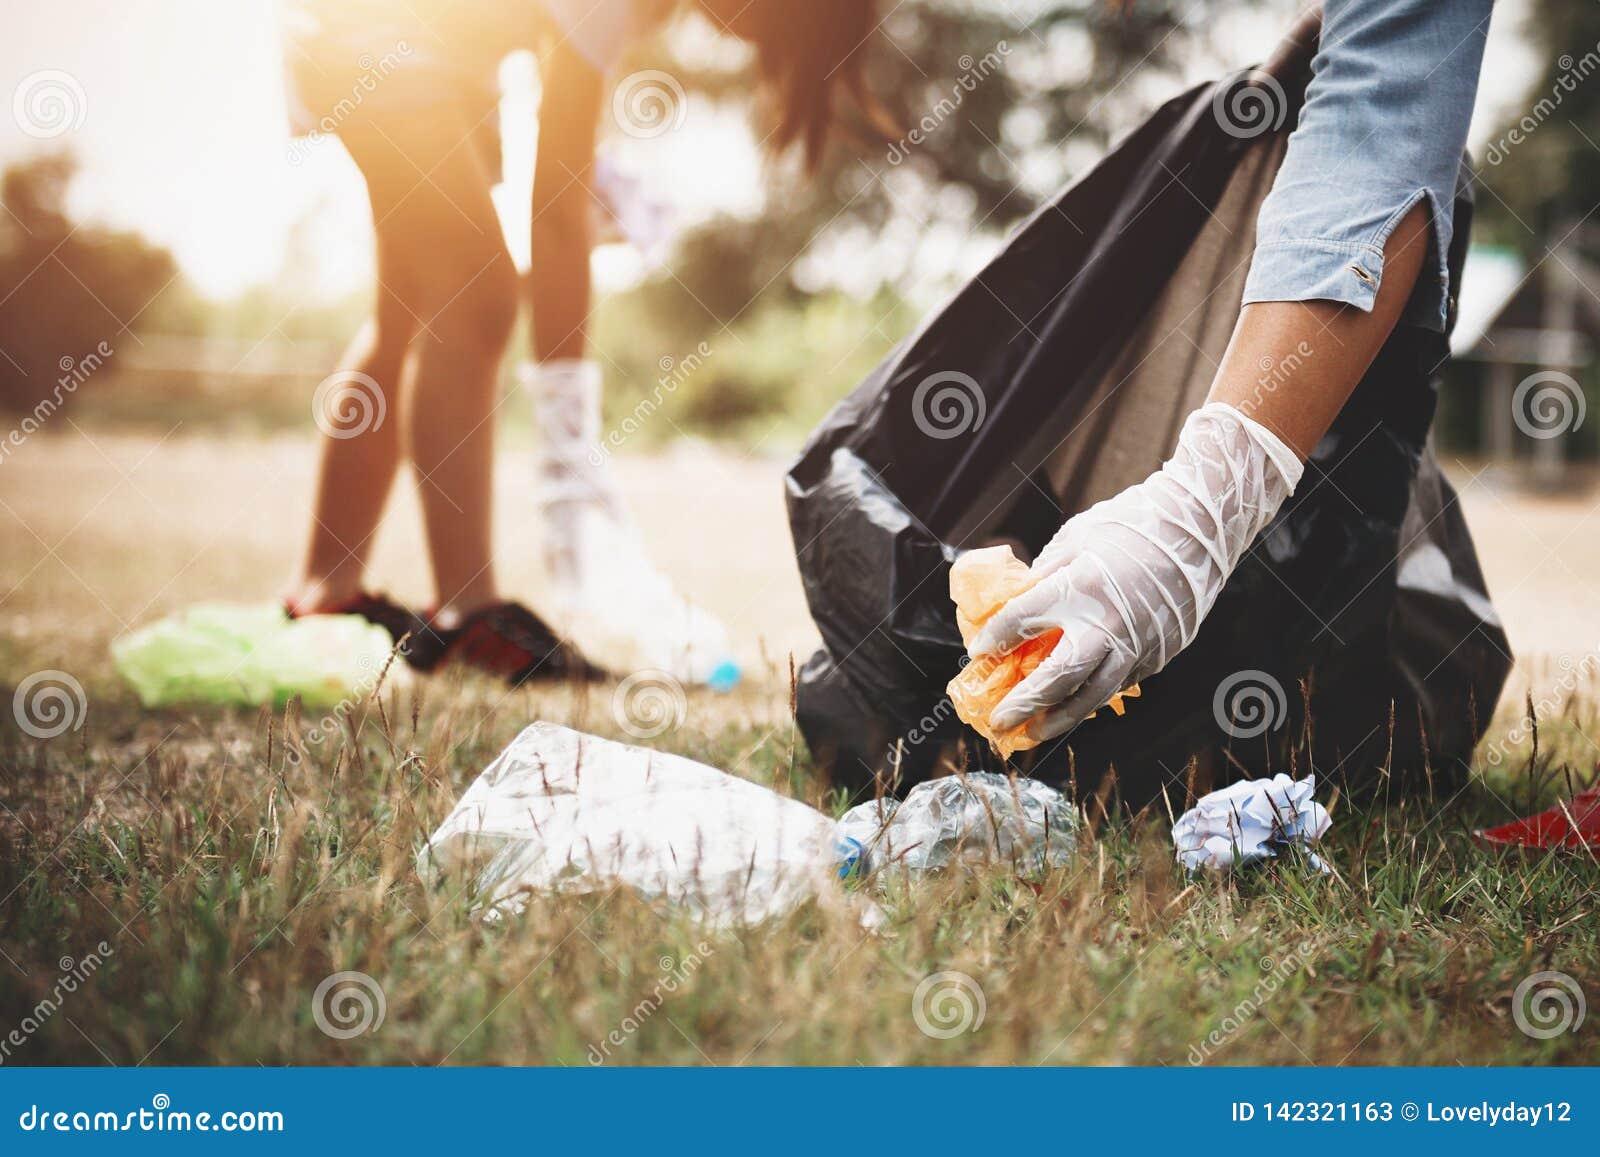 Frauenhand, die Abfallplastik für das Säubern aufhebt